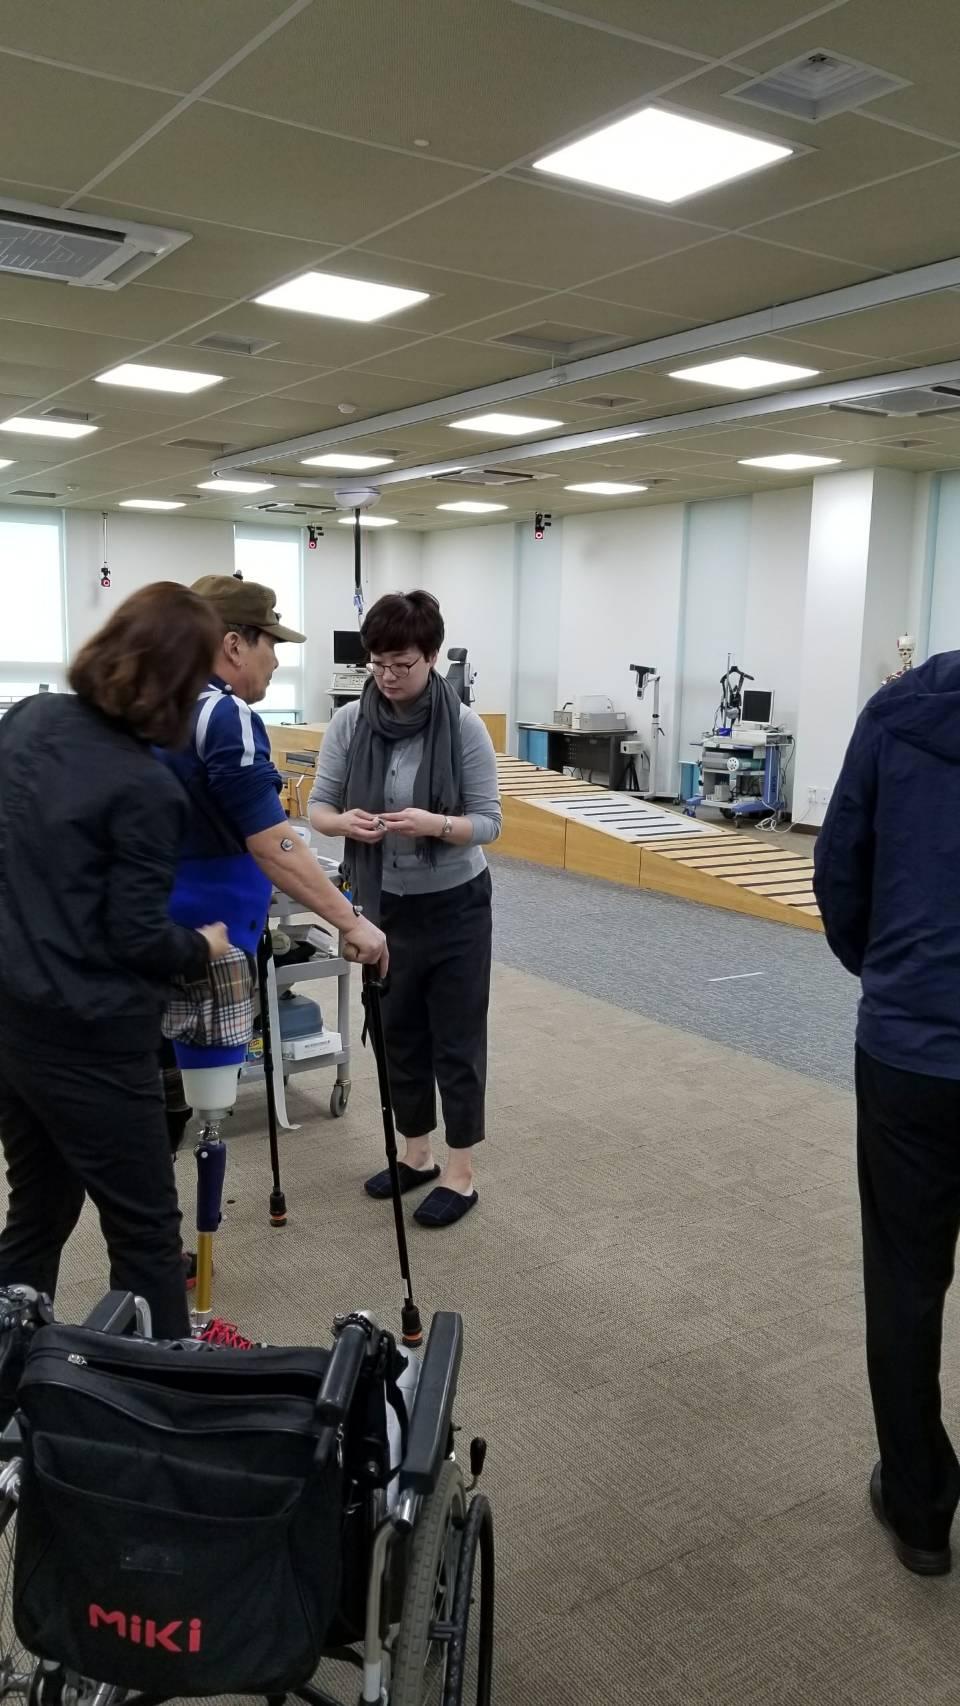 リハビリテーションセンターにて片足義足の方の歩行動作解析様子を見学